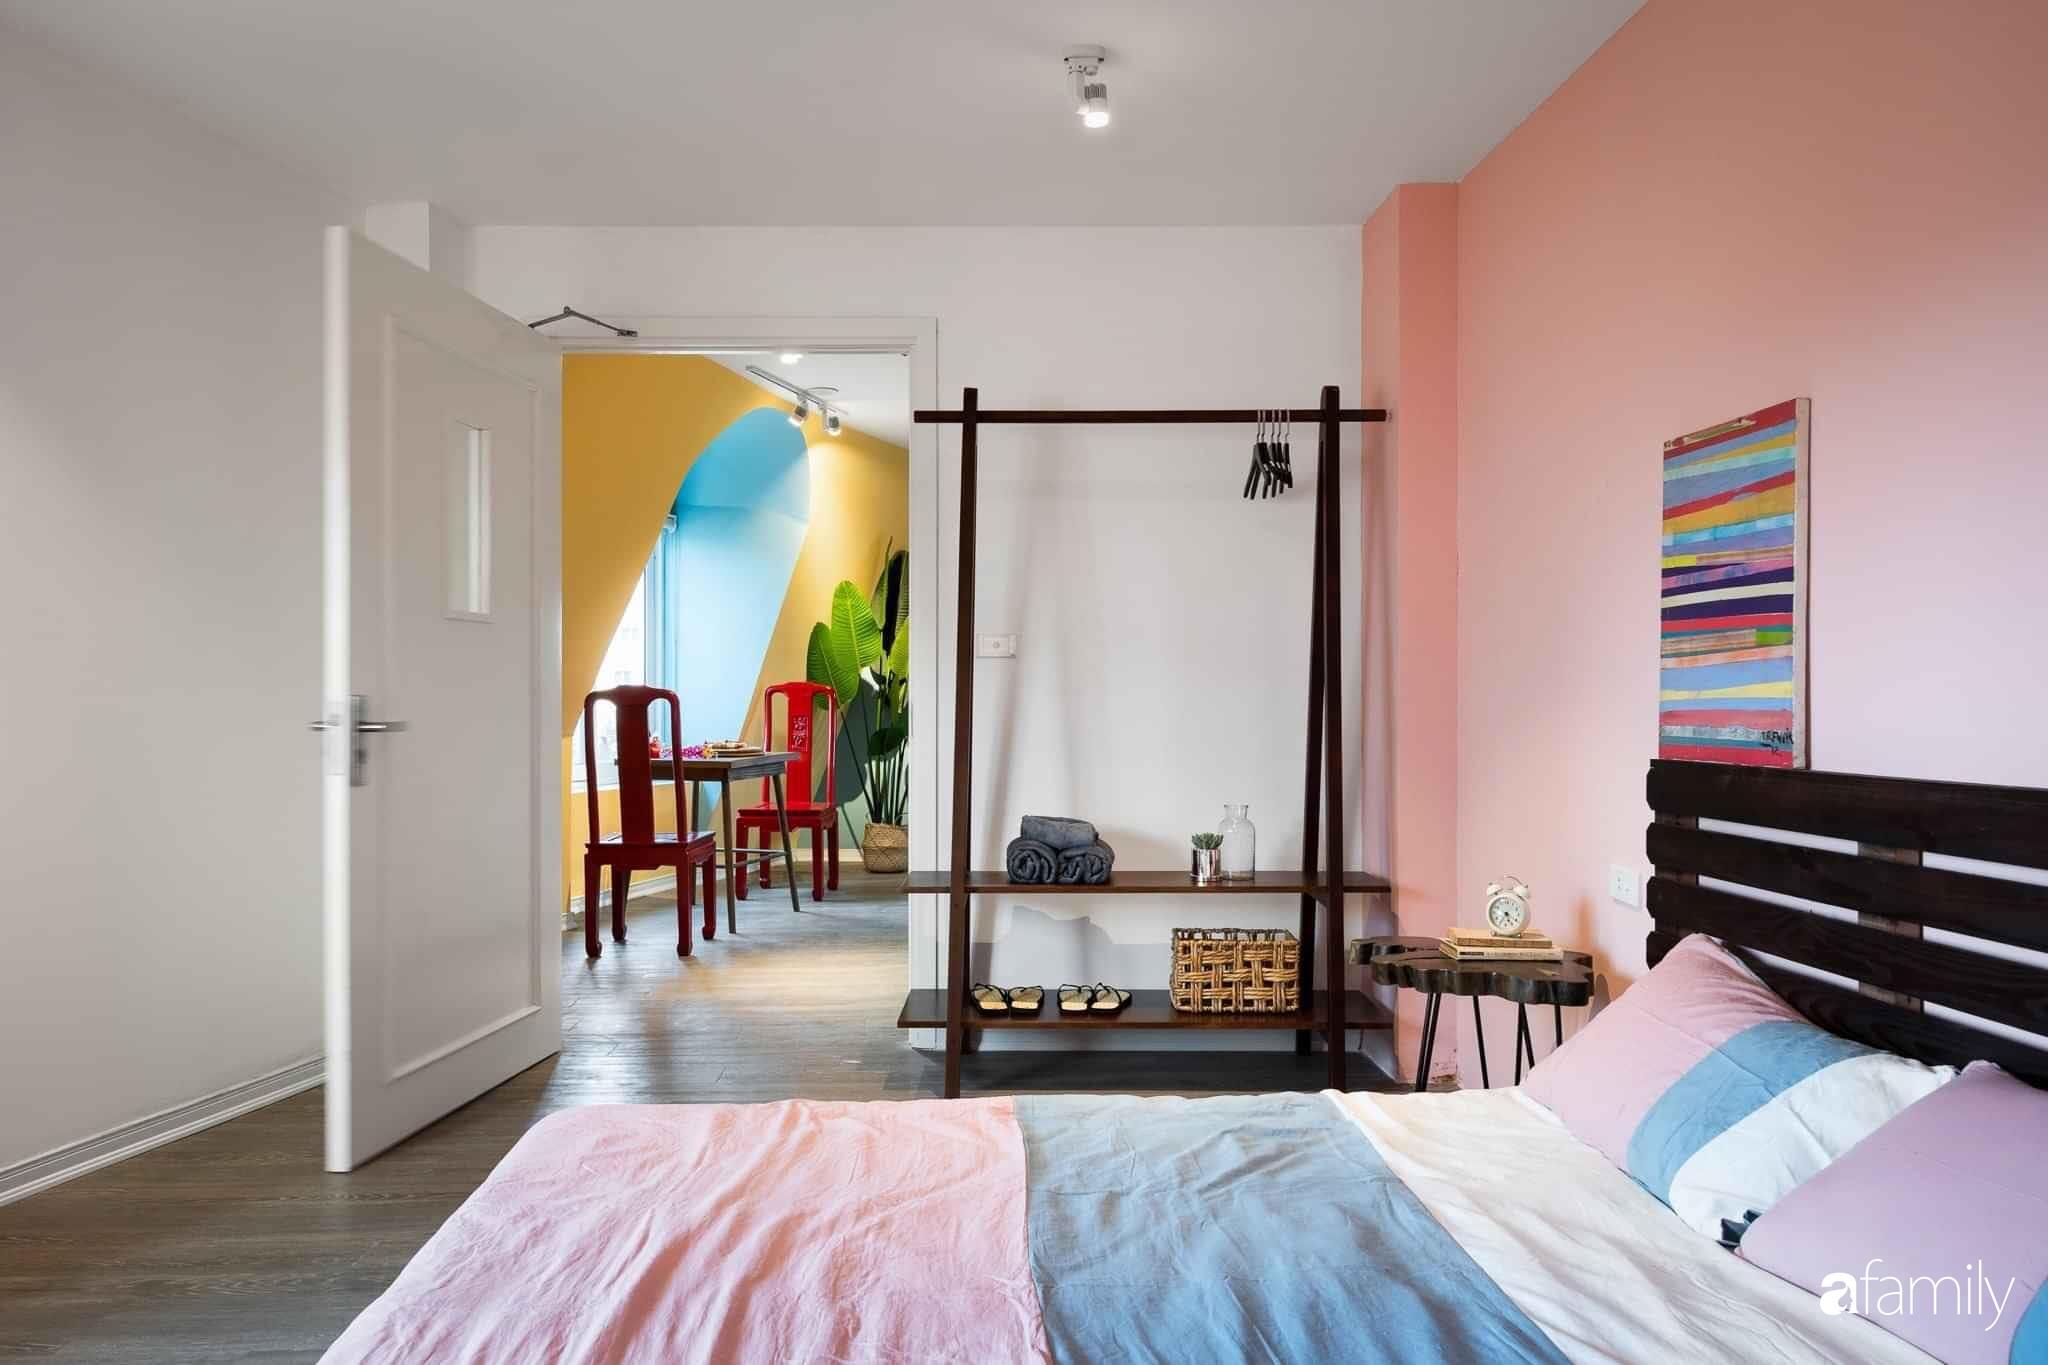 Ngôi nhà biến hóa linh hoạt với đủ sắc màu rực rỡ của bà mẹ trẻ xinh đẹp ở Hà Nội - Ảnh 12.